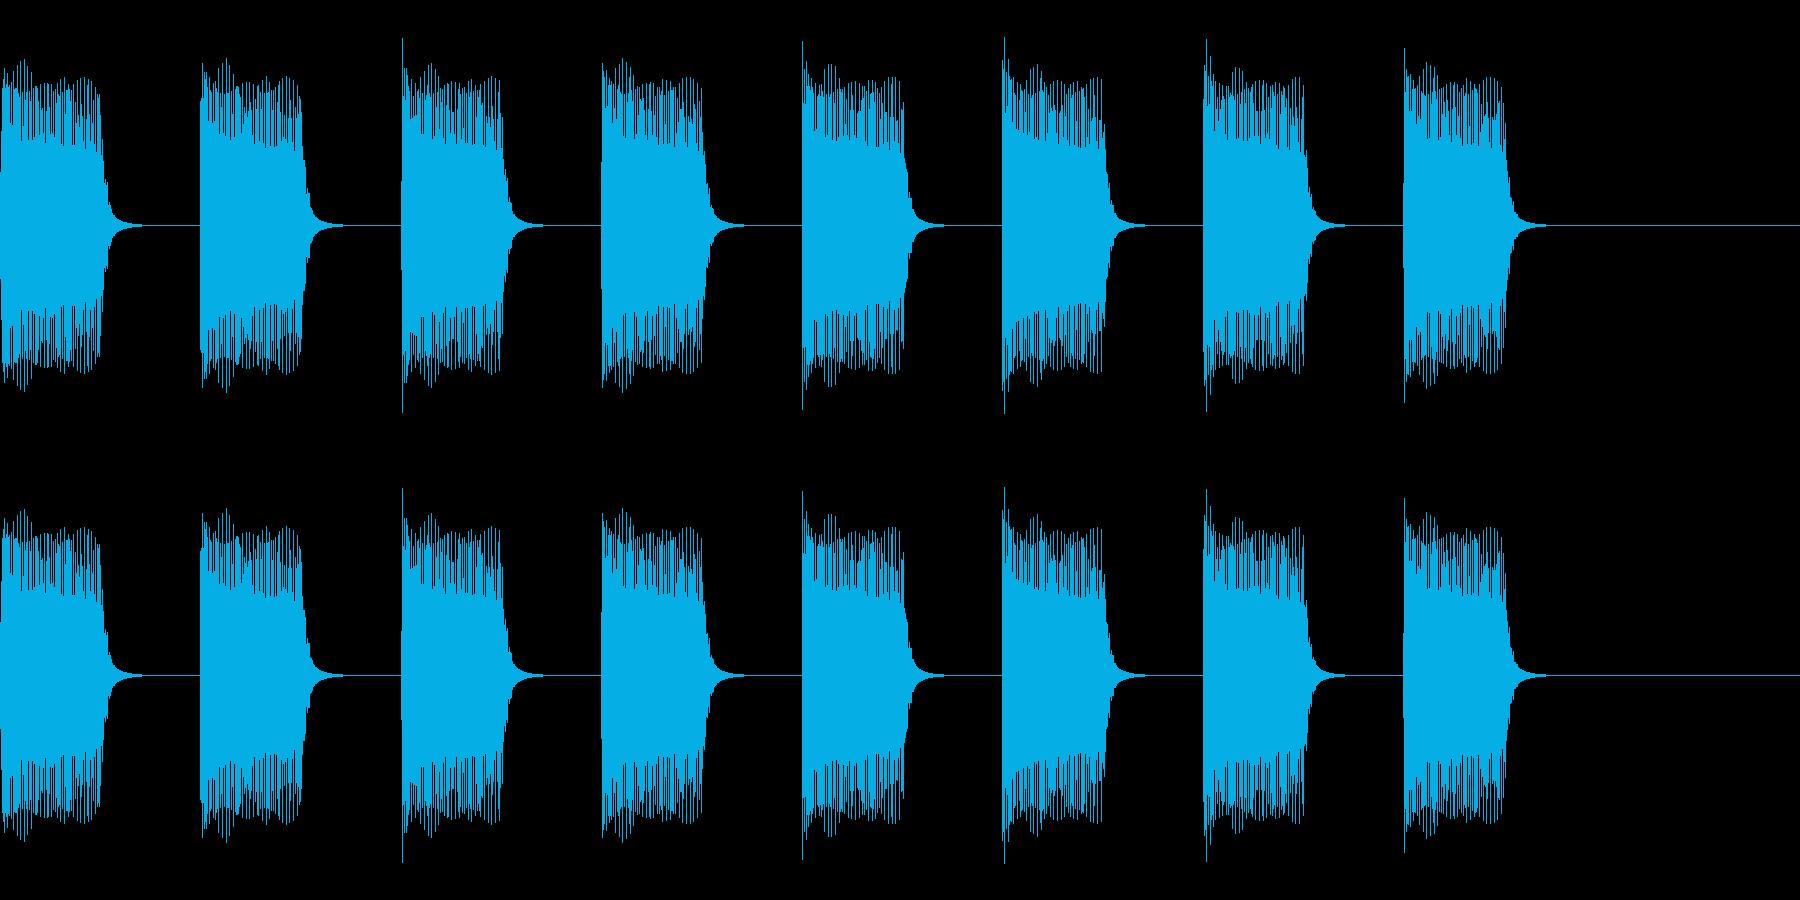 ブーブーブー…ブザー・アラーム音の再生済みの波形